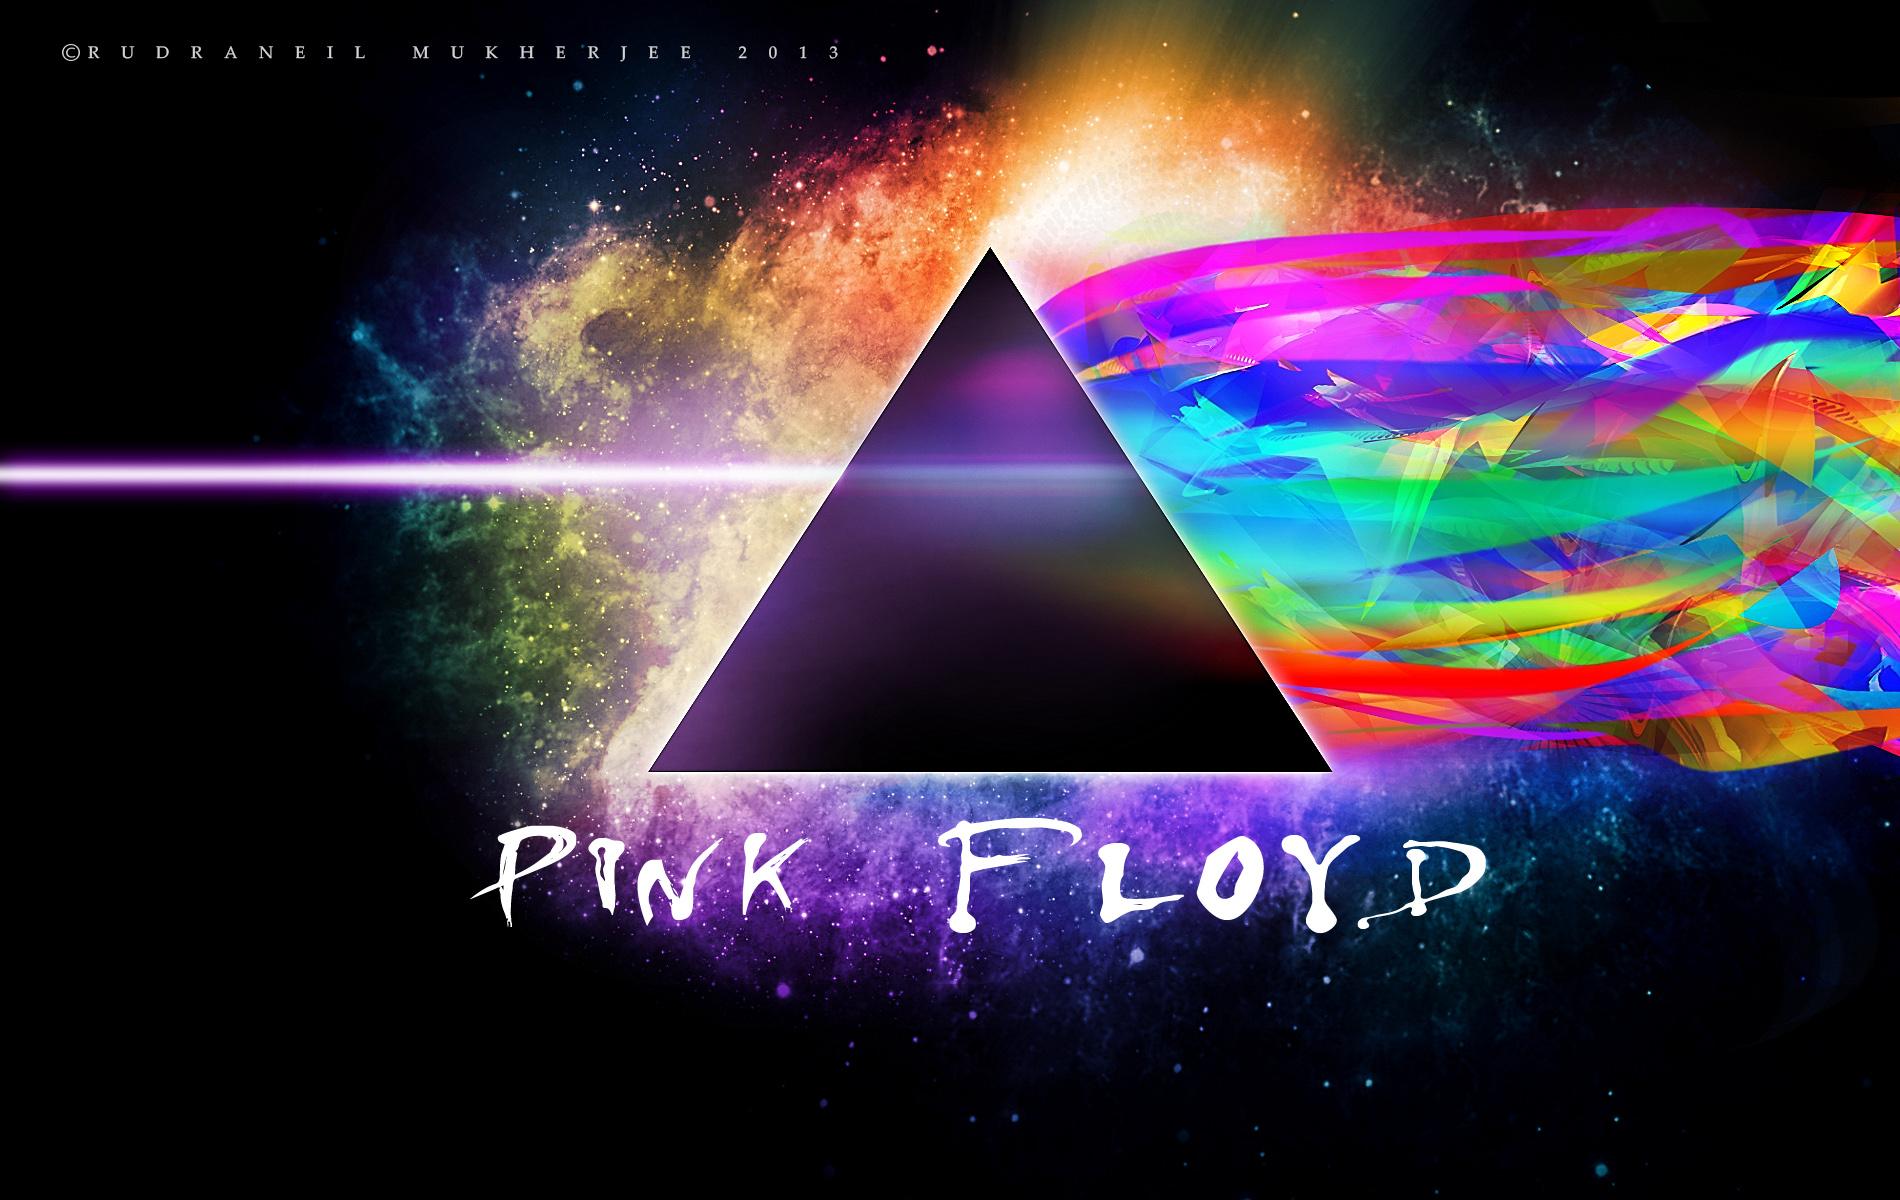 Pink Floyd Wallpaper 1 by UltraShiva on DeviantArt